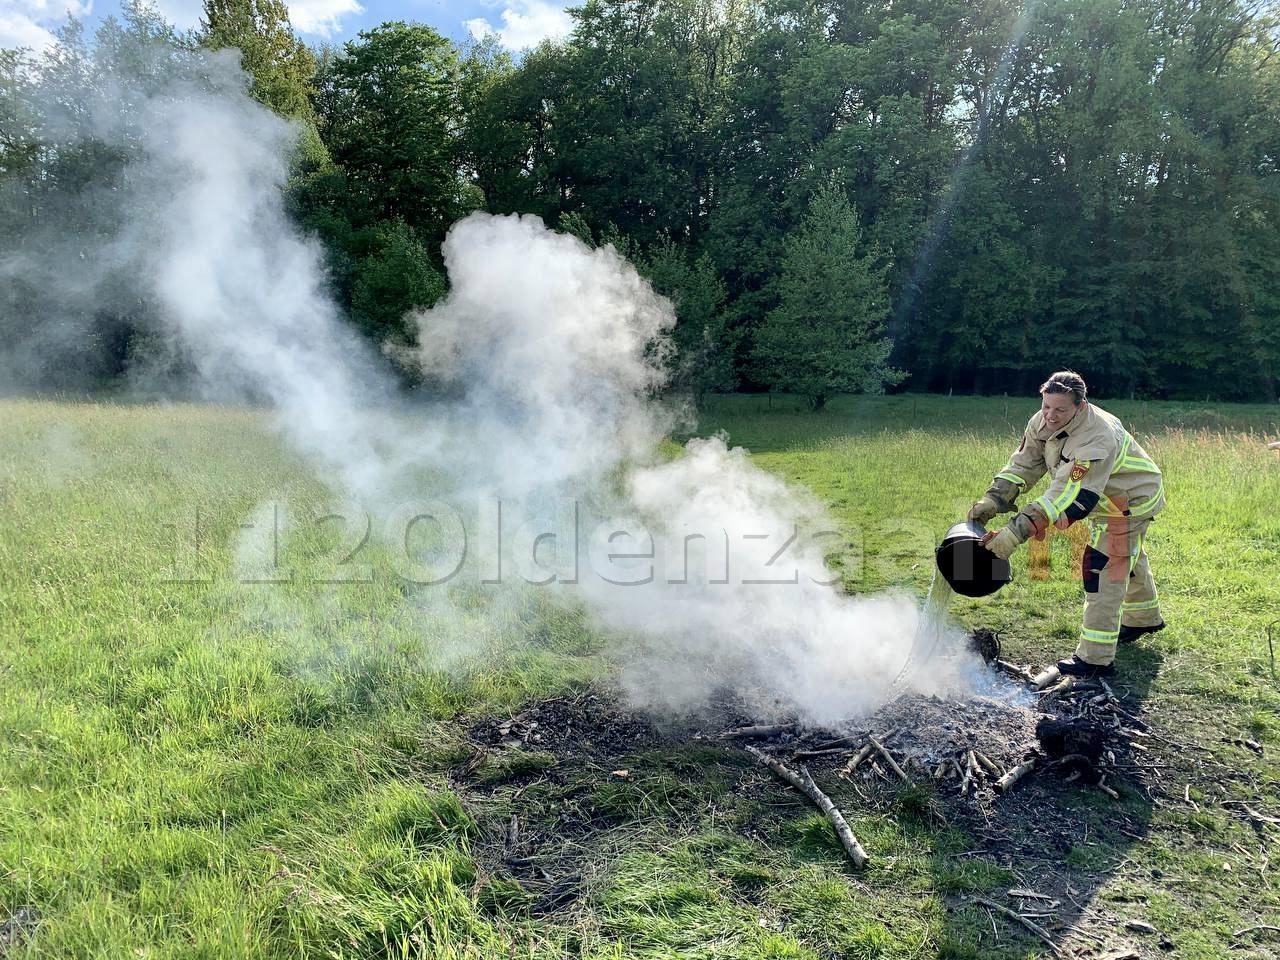 Melding buitenbrand aan Schapendijk Oldenzaal